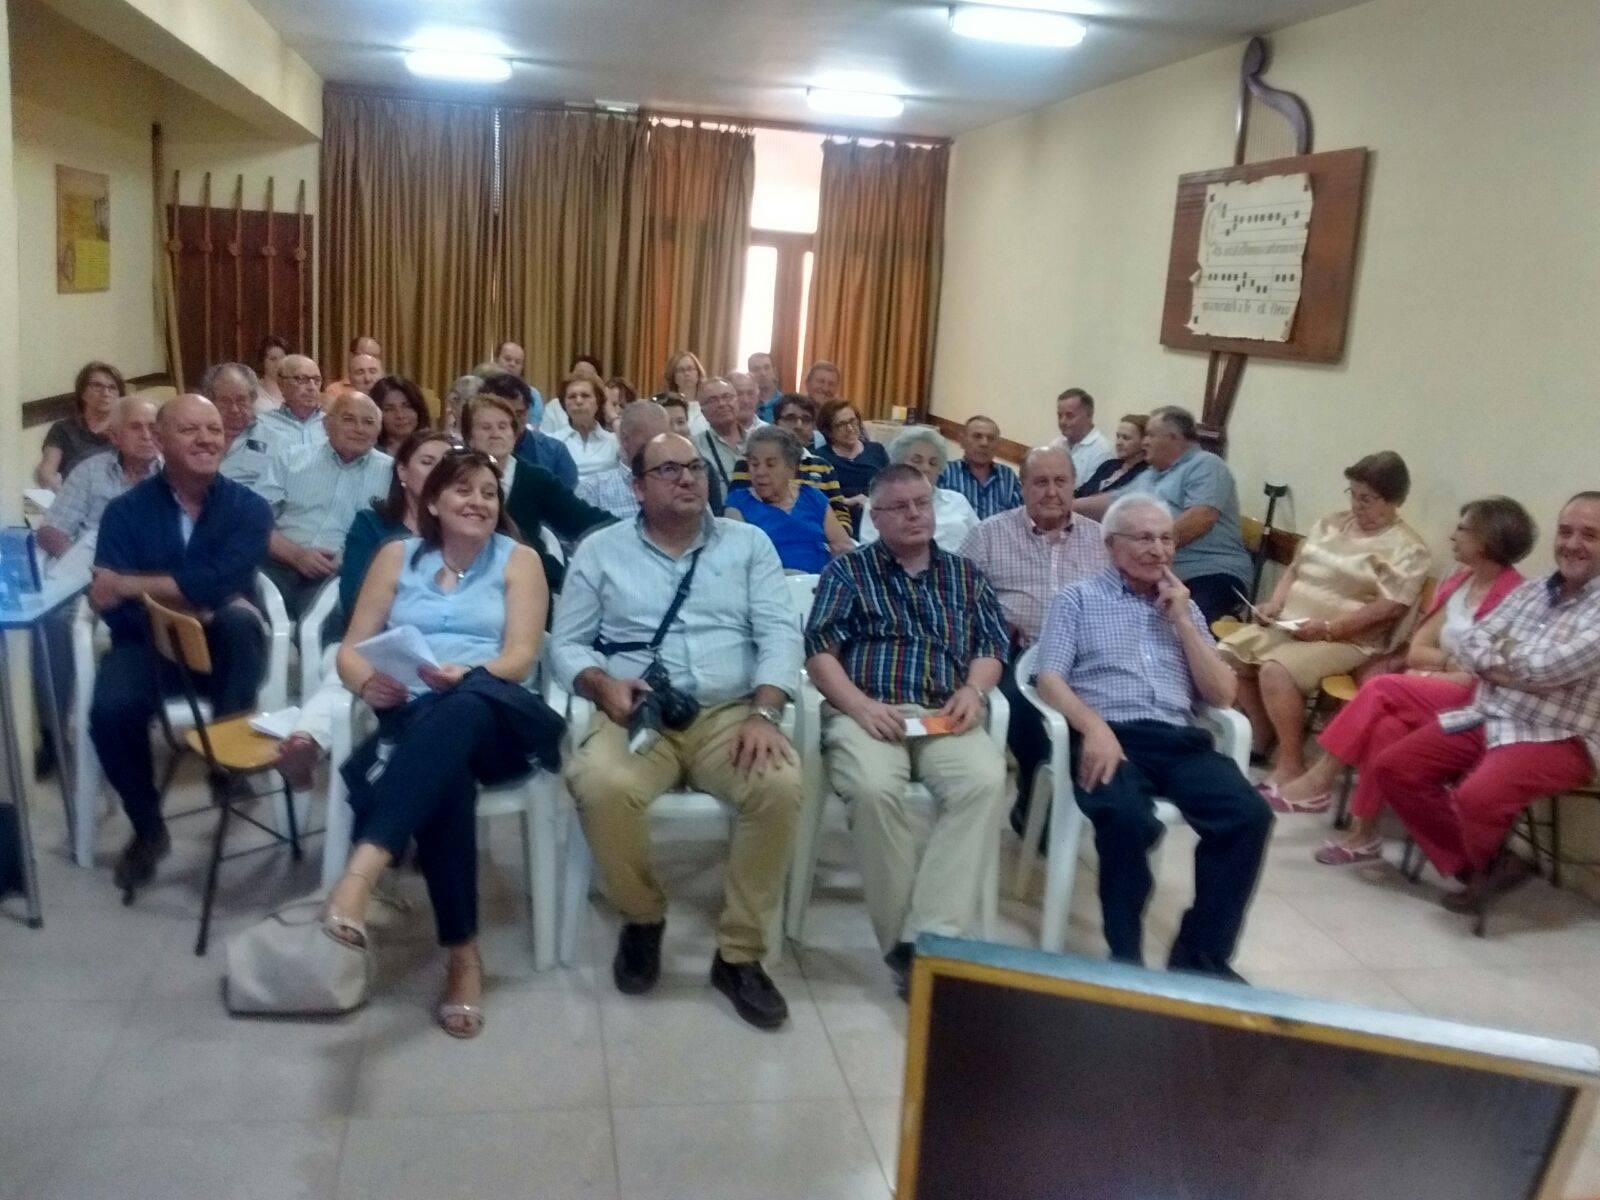 Reunion ENS del sector Herencia - Los equipos de Nuestra Señora del sector Herencia se ponen en marcha